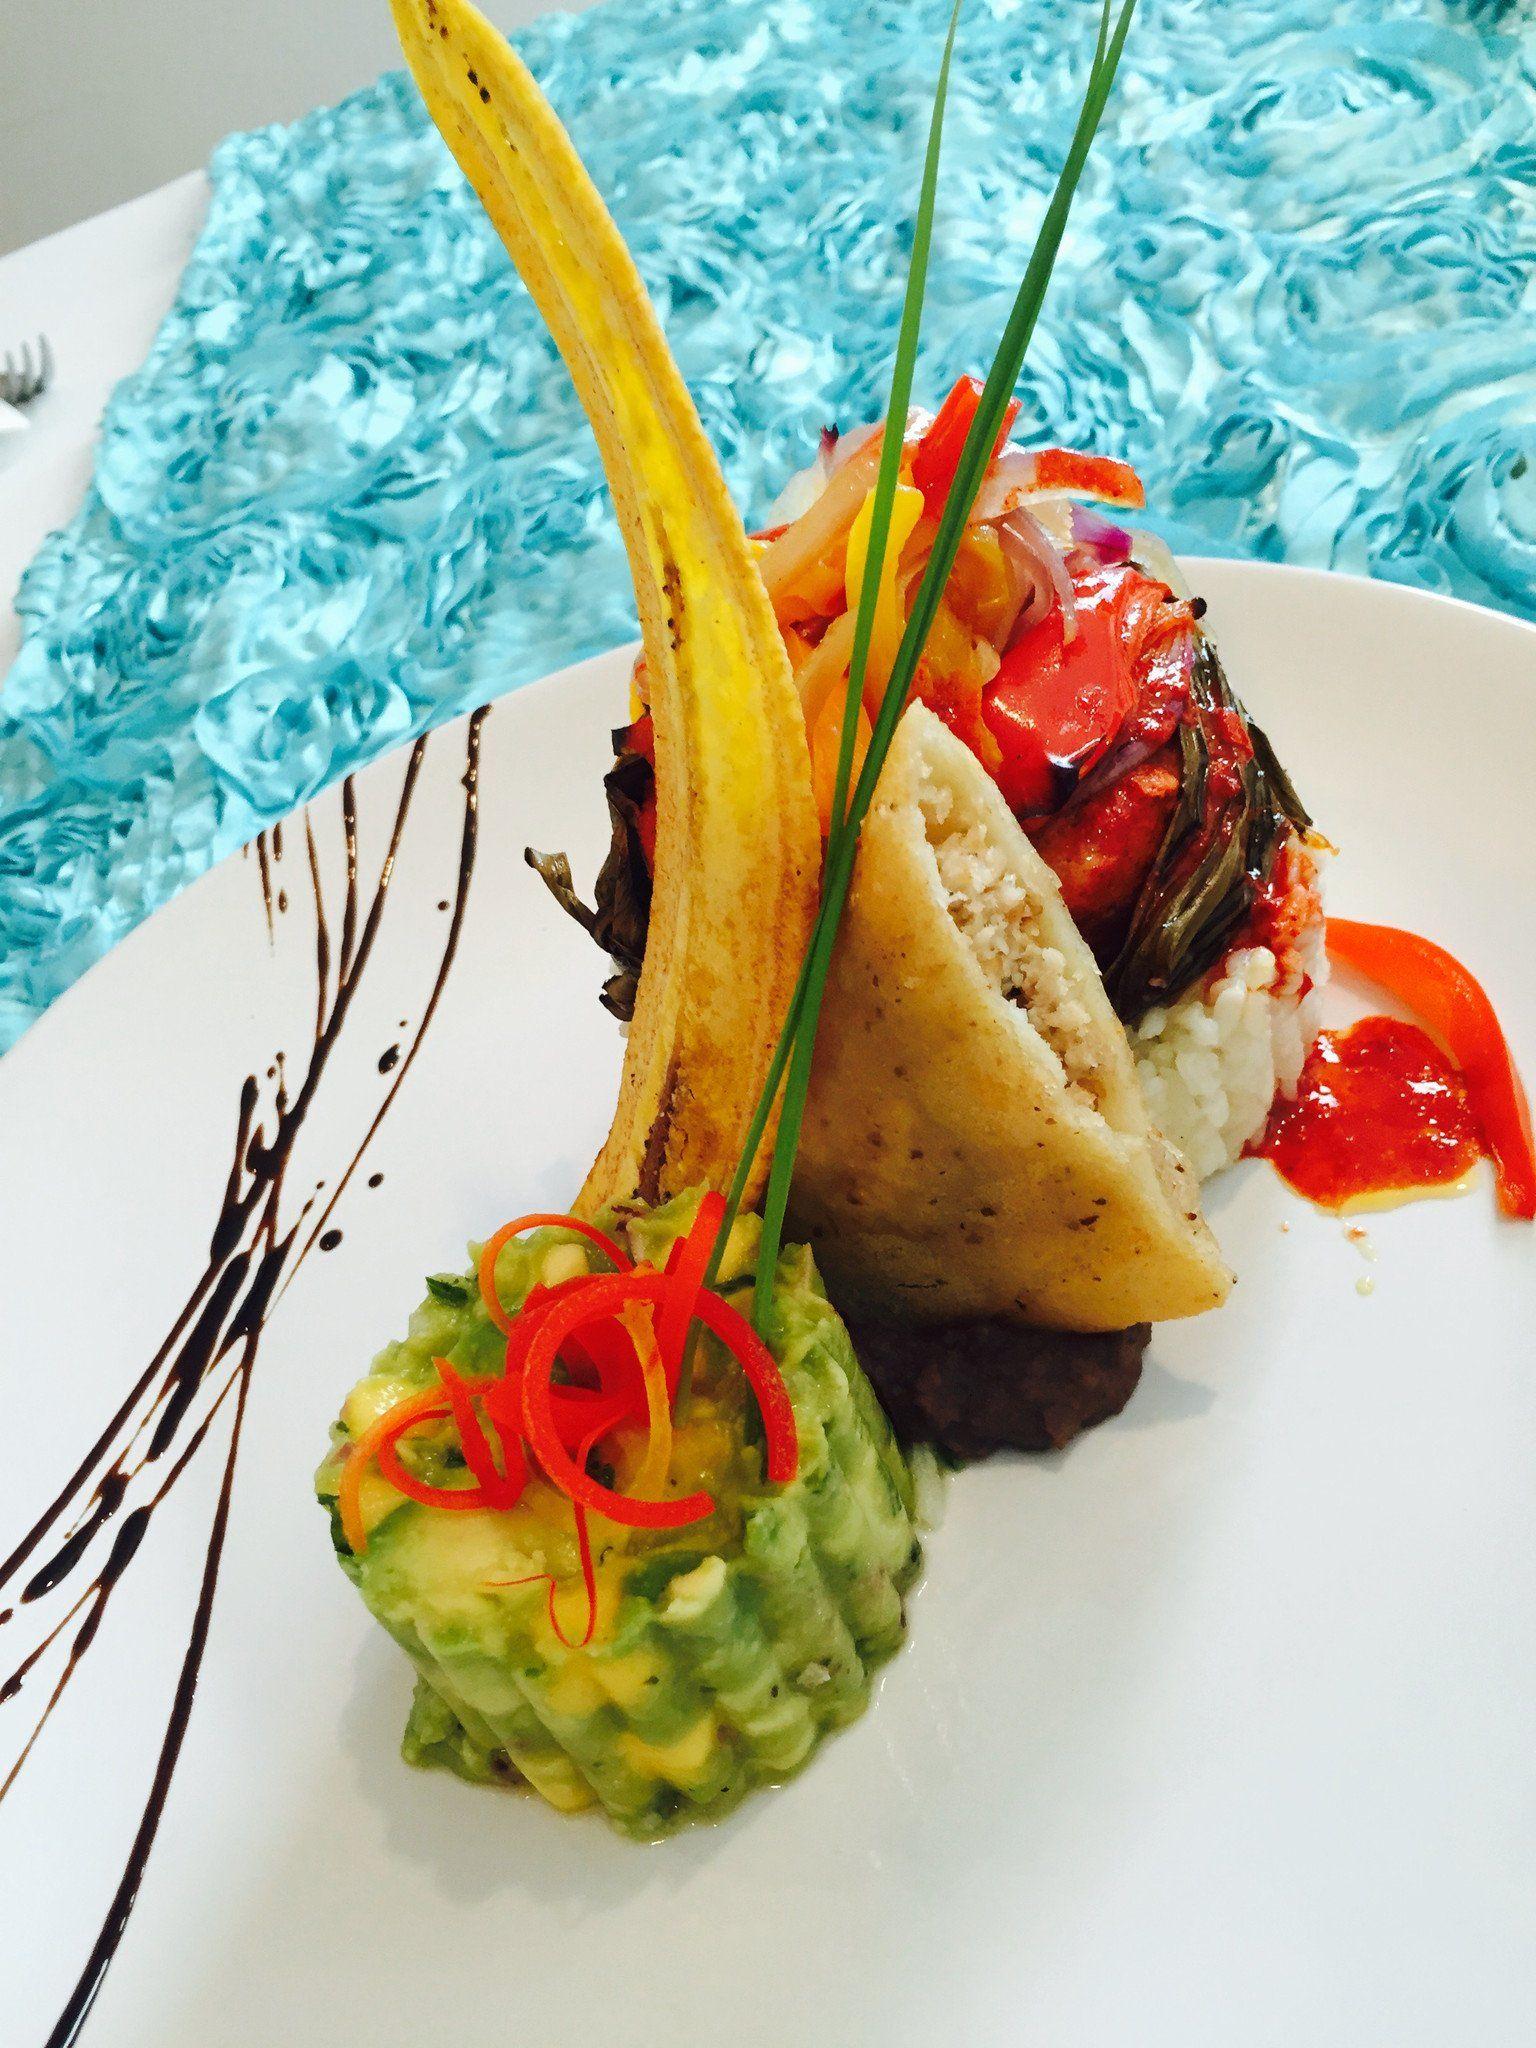 Platos Fuertes Mexicano  Fusion Gourmet  Mejores